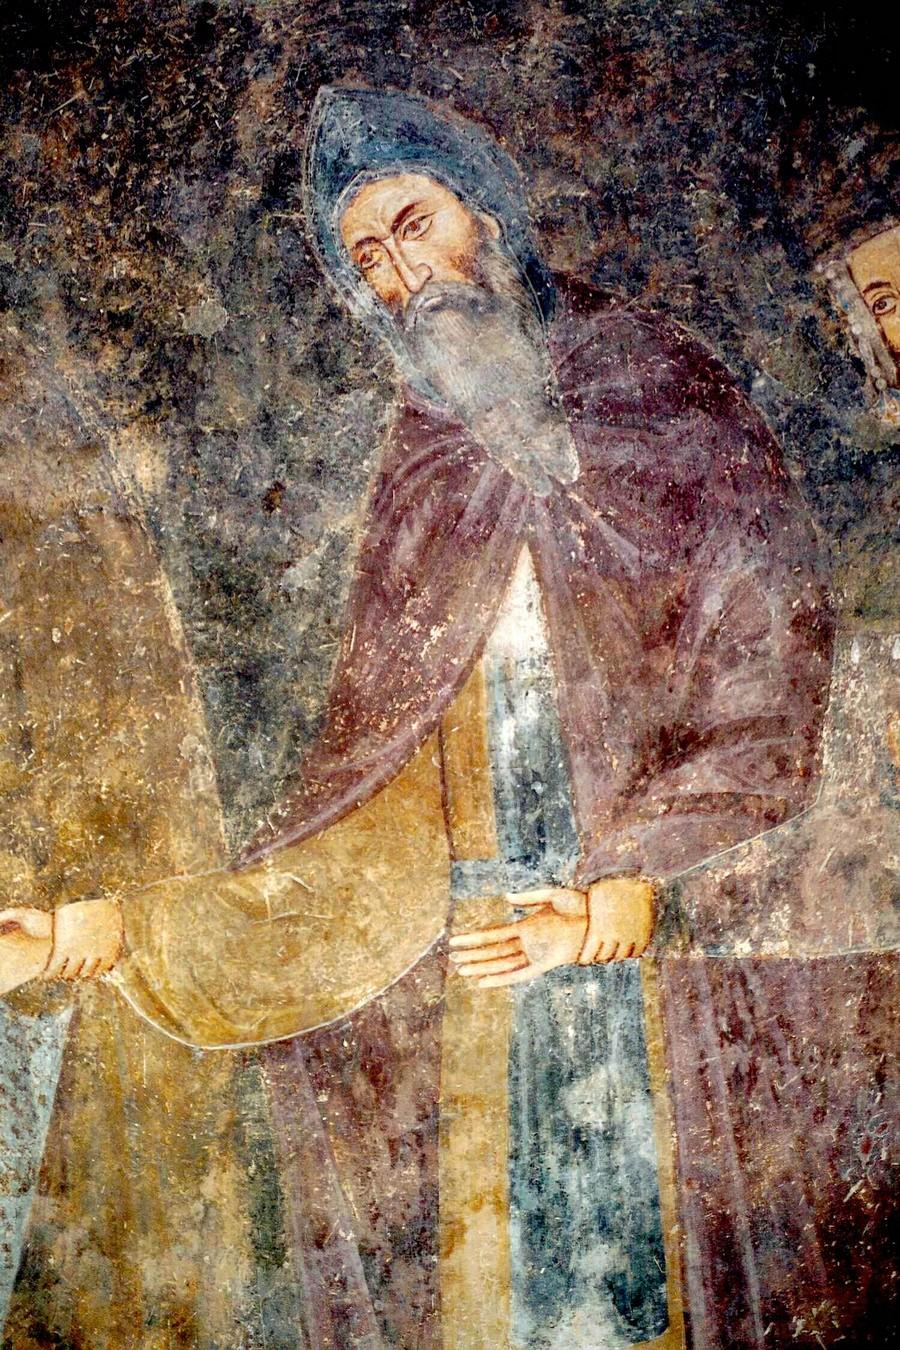 Святой Краль Стефан Первовенчанный - Преподобный Симон монах. Фреска церкви Святой Троицы в монастыре Сопочаны, Сербия. 1265 год.